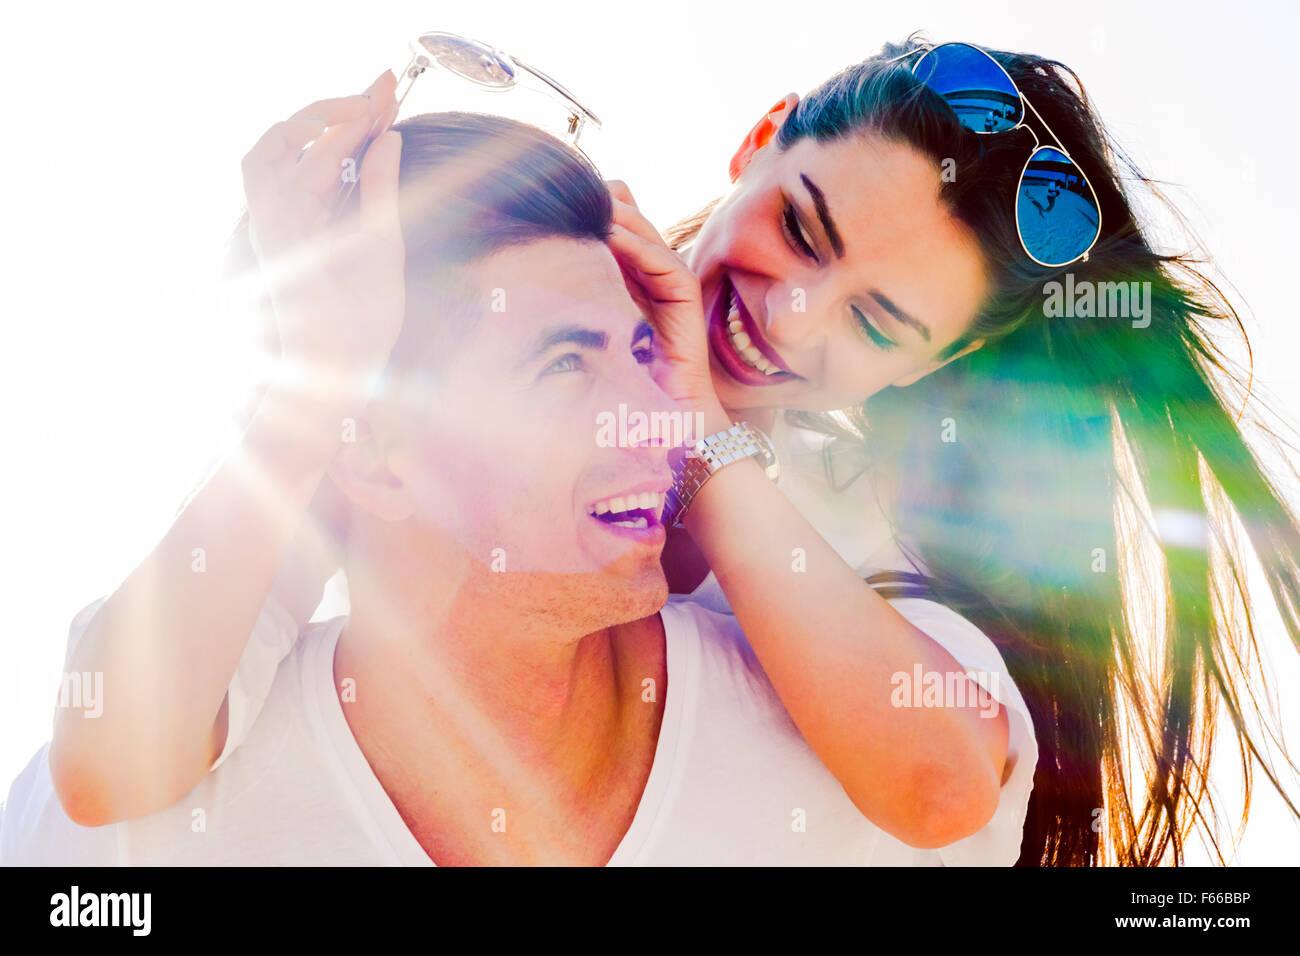 Allegro uomo bello portando la sua fidanzata sulla schiena sulla spiaggia Immagini Stock